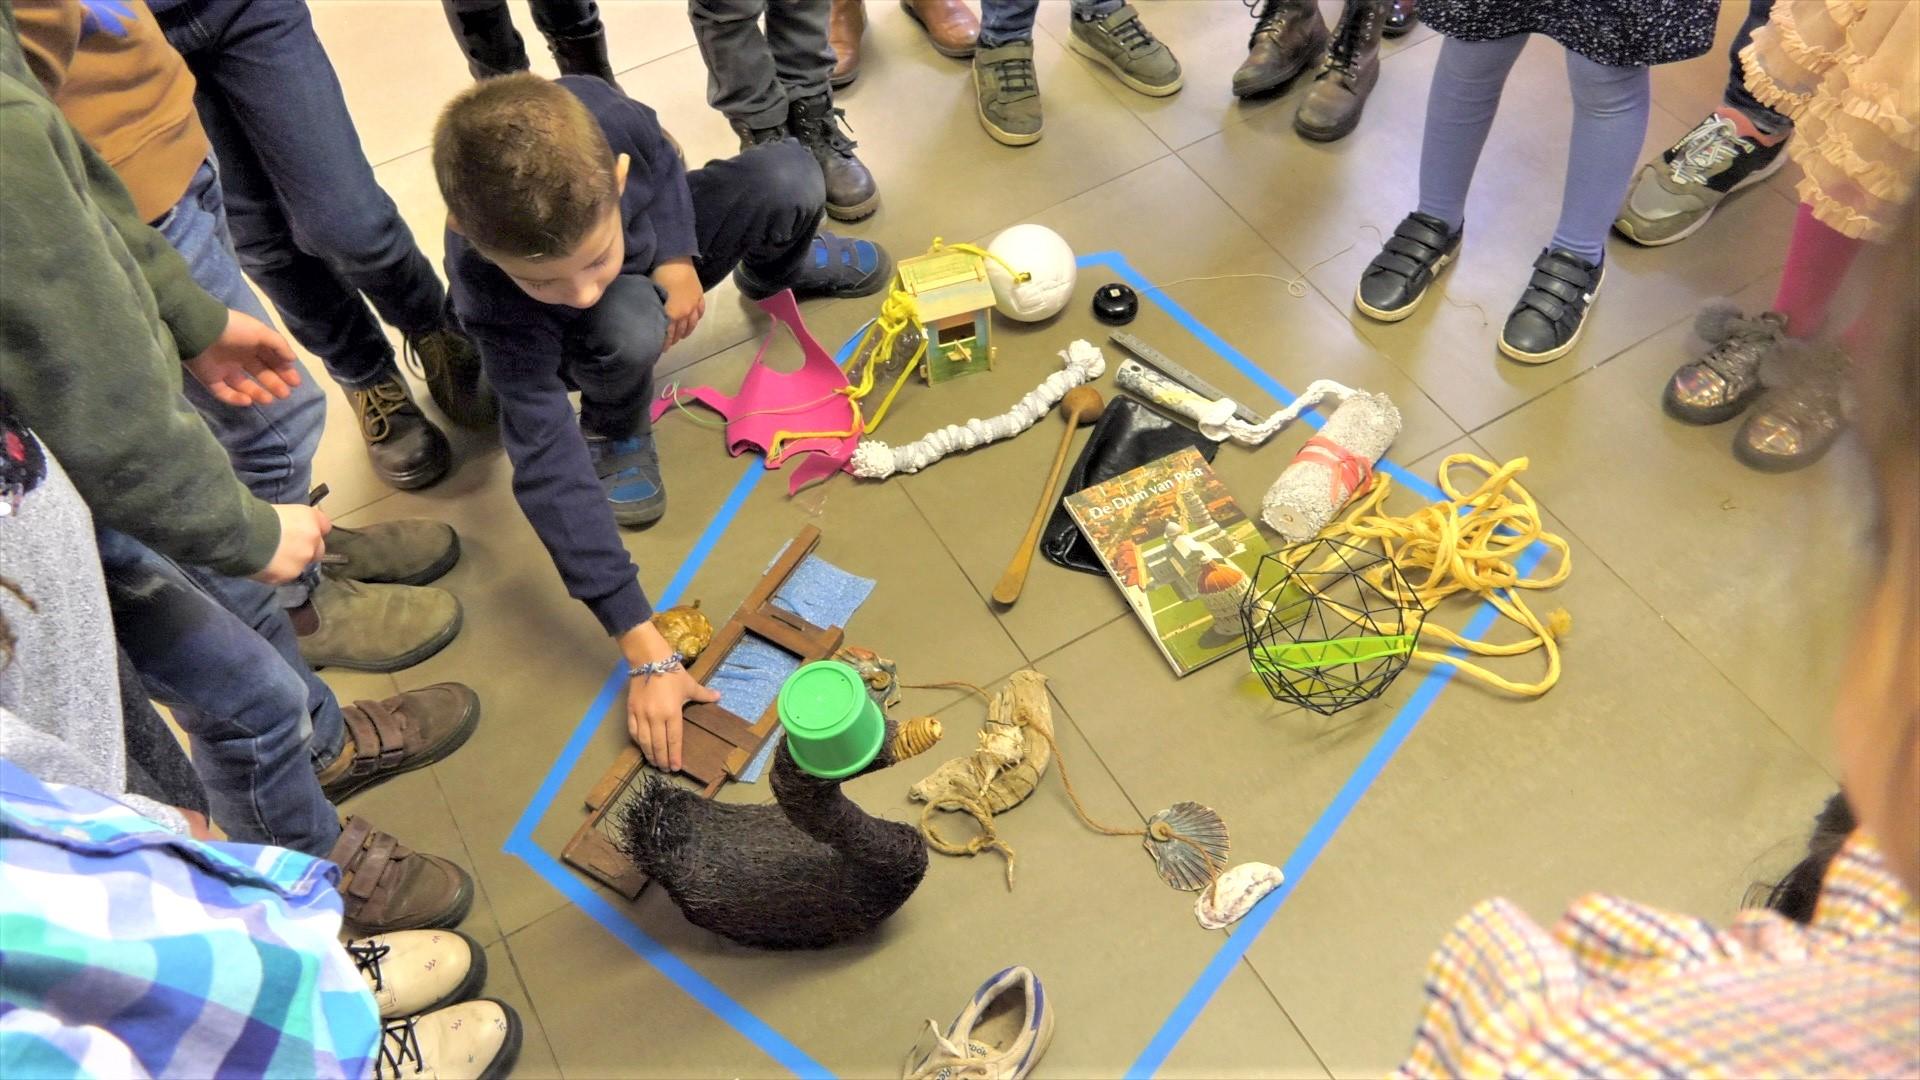 Kinderen staan in een kring rond voorwerpen die op de grond liggen. Een jongetje zit gehurkt en legt een hand op een voorwerp